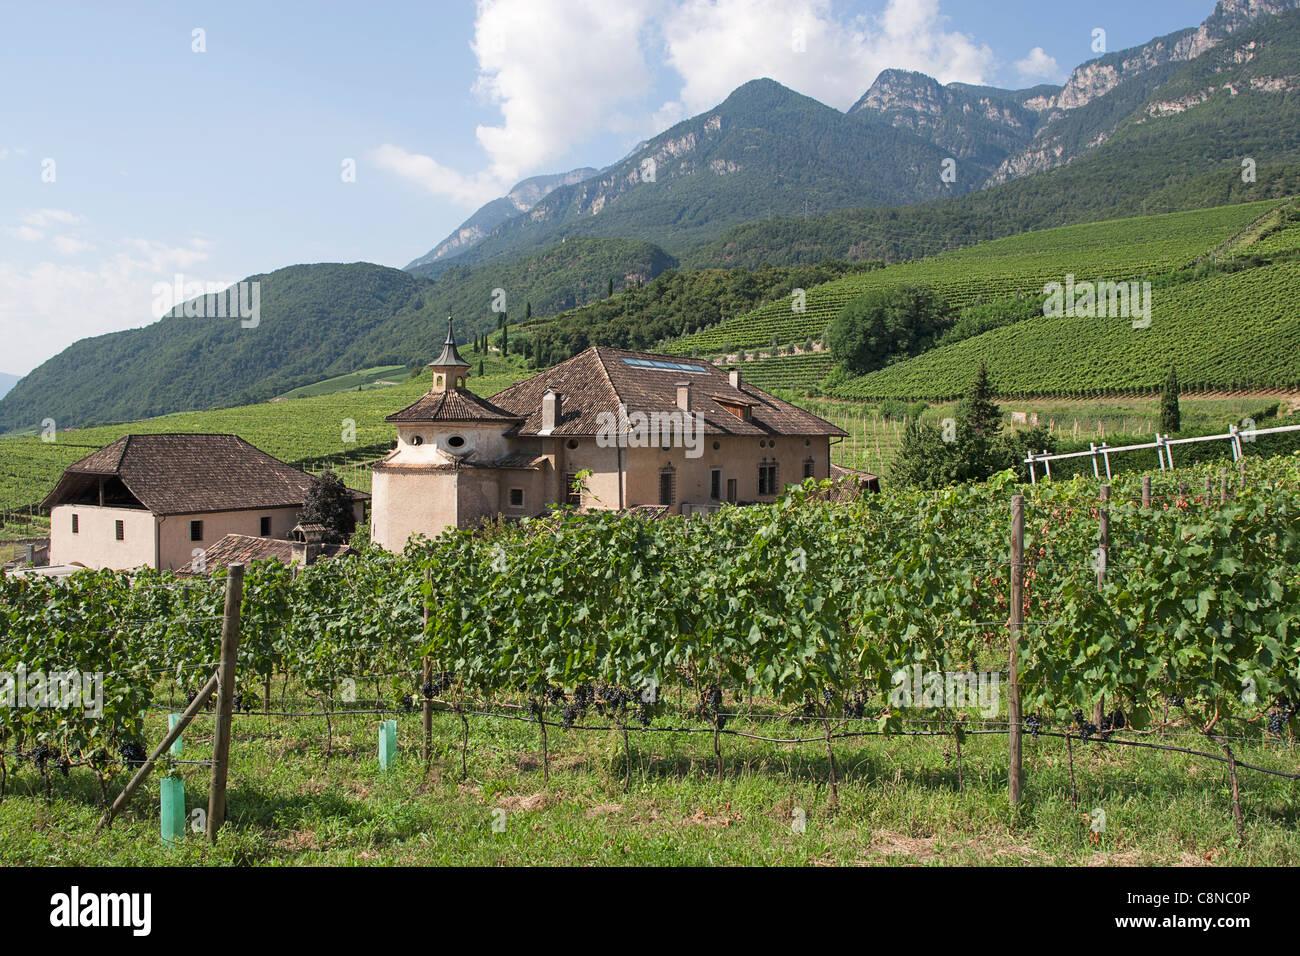 Italy, Trentino-Alto Adige, Manicor vineyard, near Bolzano - Stock Image